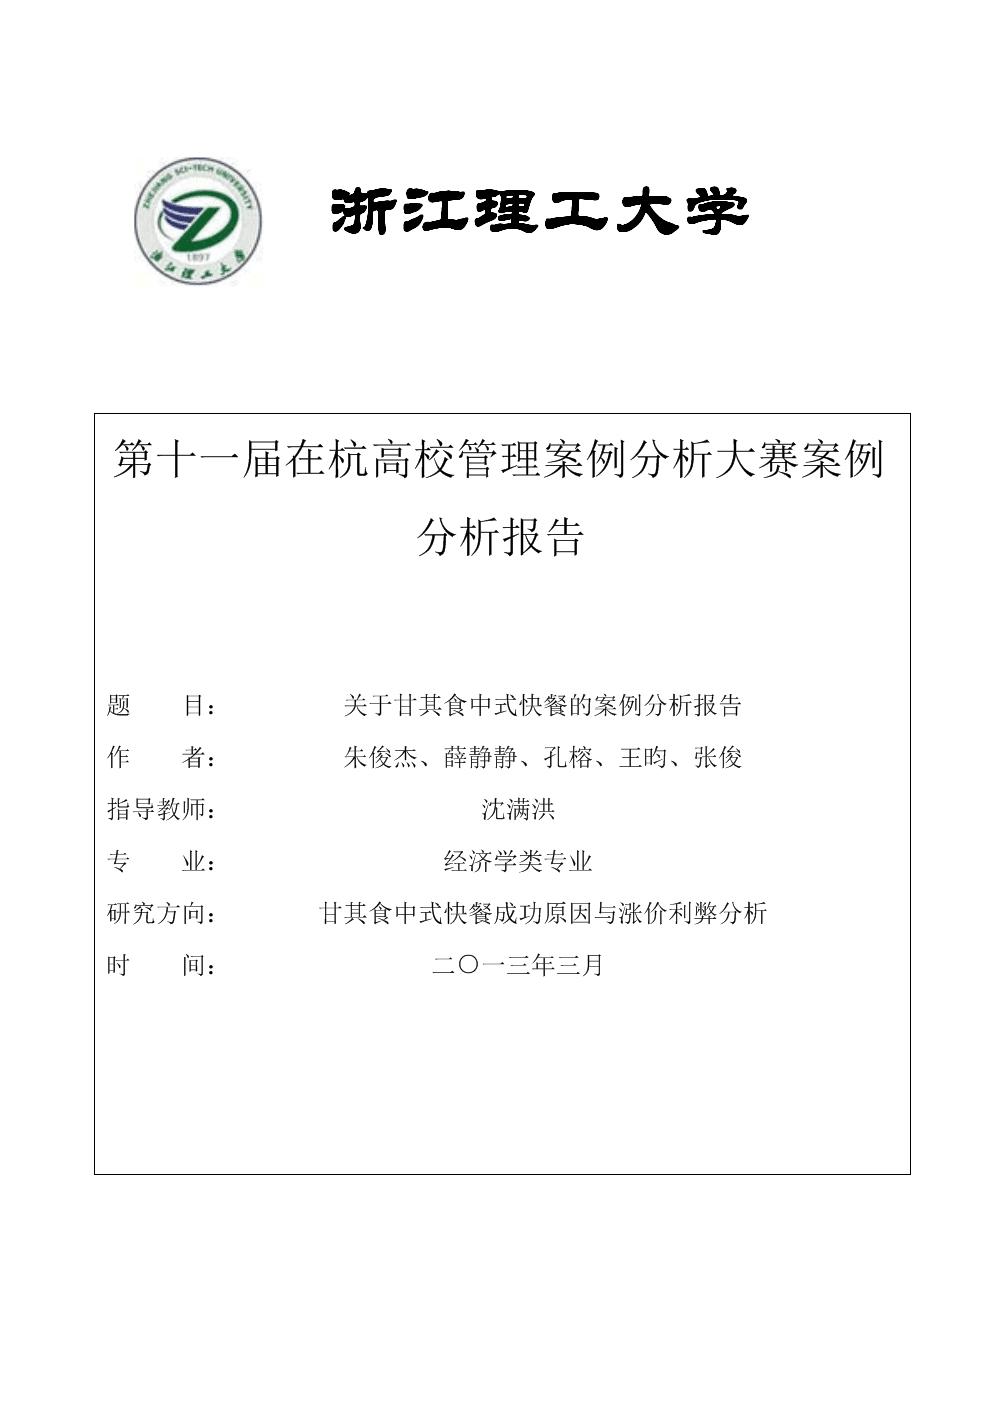 甘其食公司的分析报告.doc